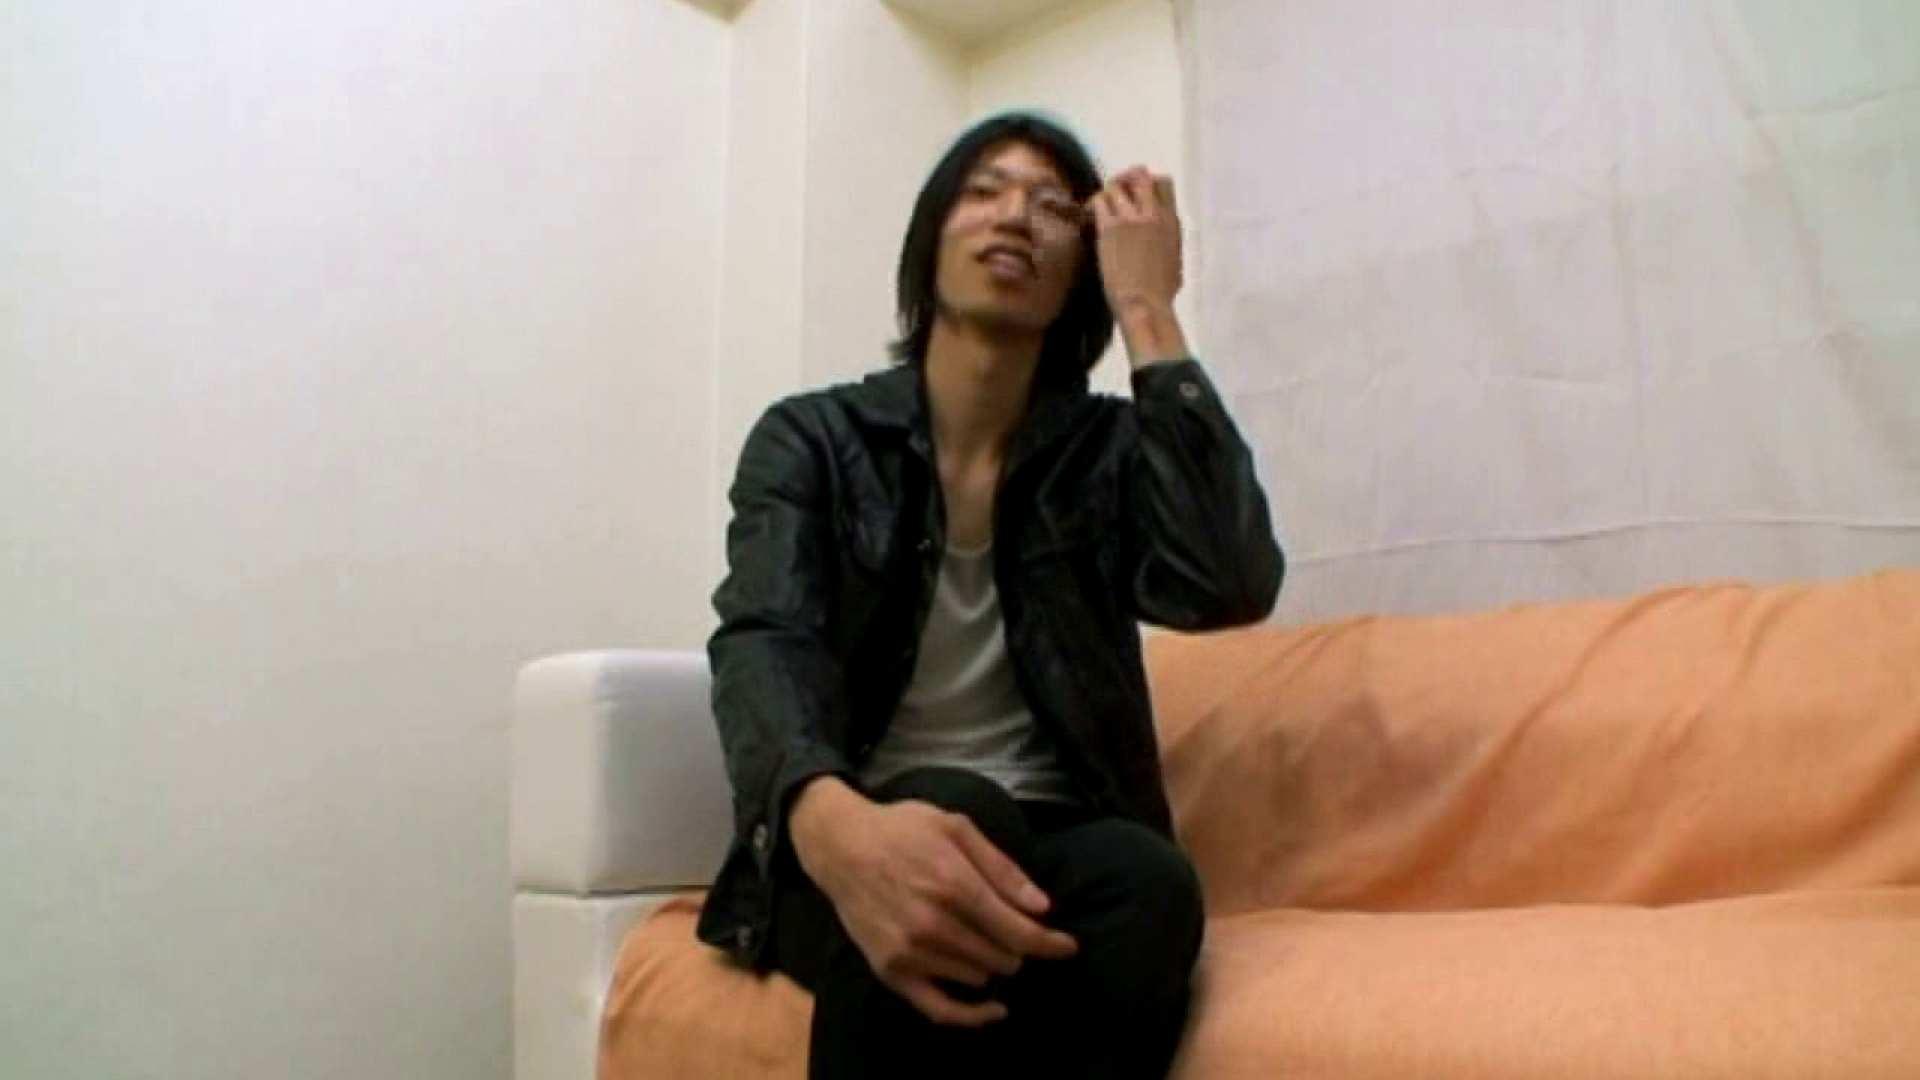 ノンケ!自慰スタジオ No.36 ゲイの自慰 ゲイ丸見え画像 101pic 15